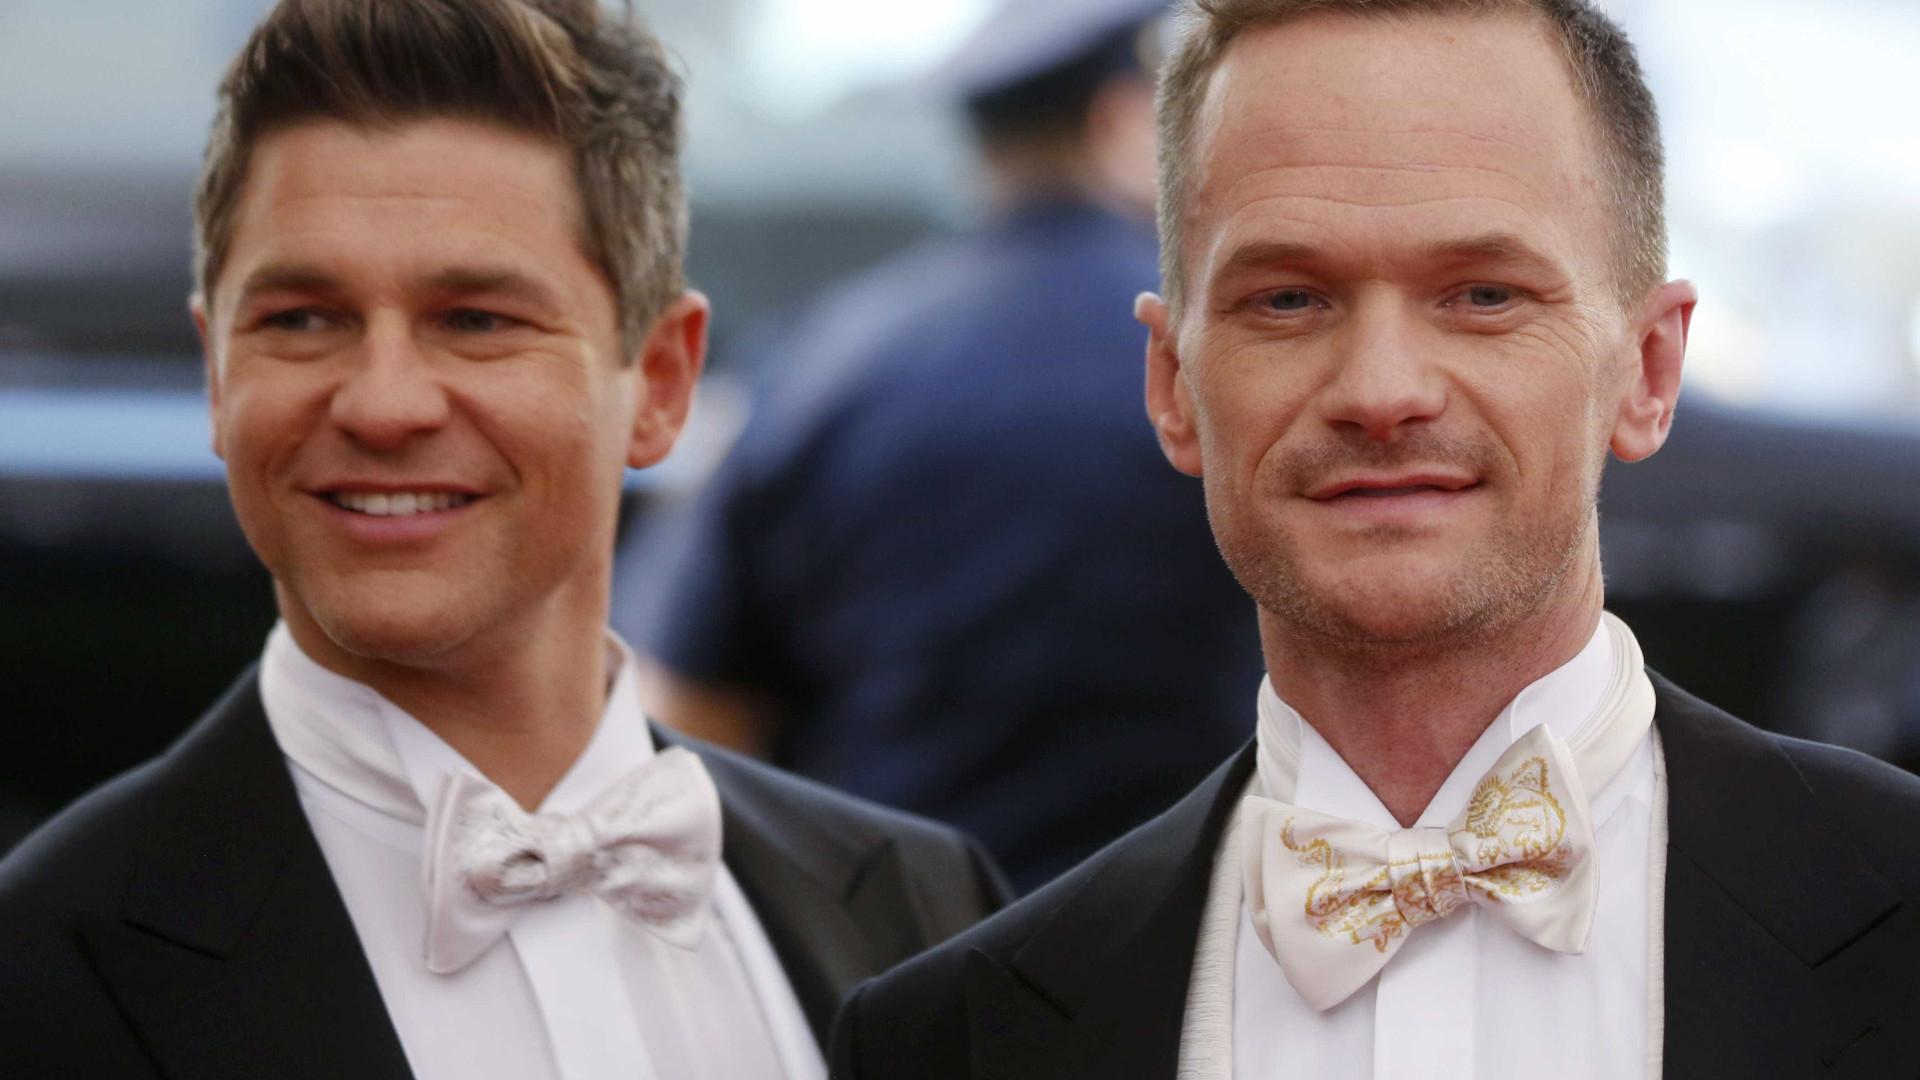 Marido de Neil Patrick Harris revela problema com álcool